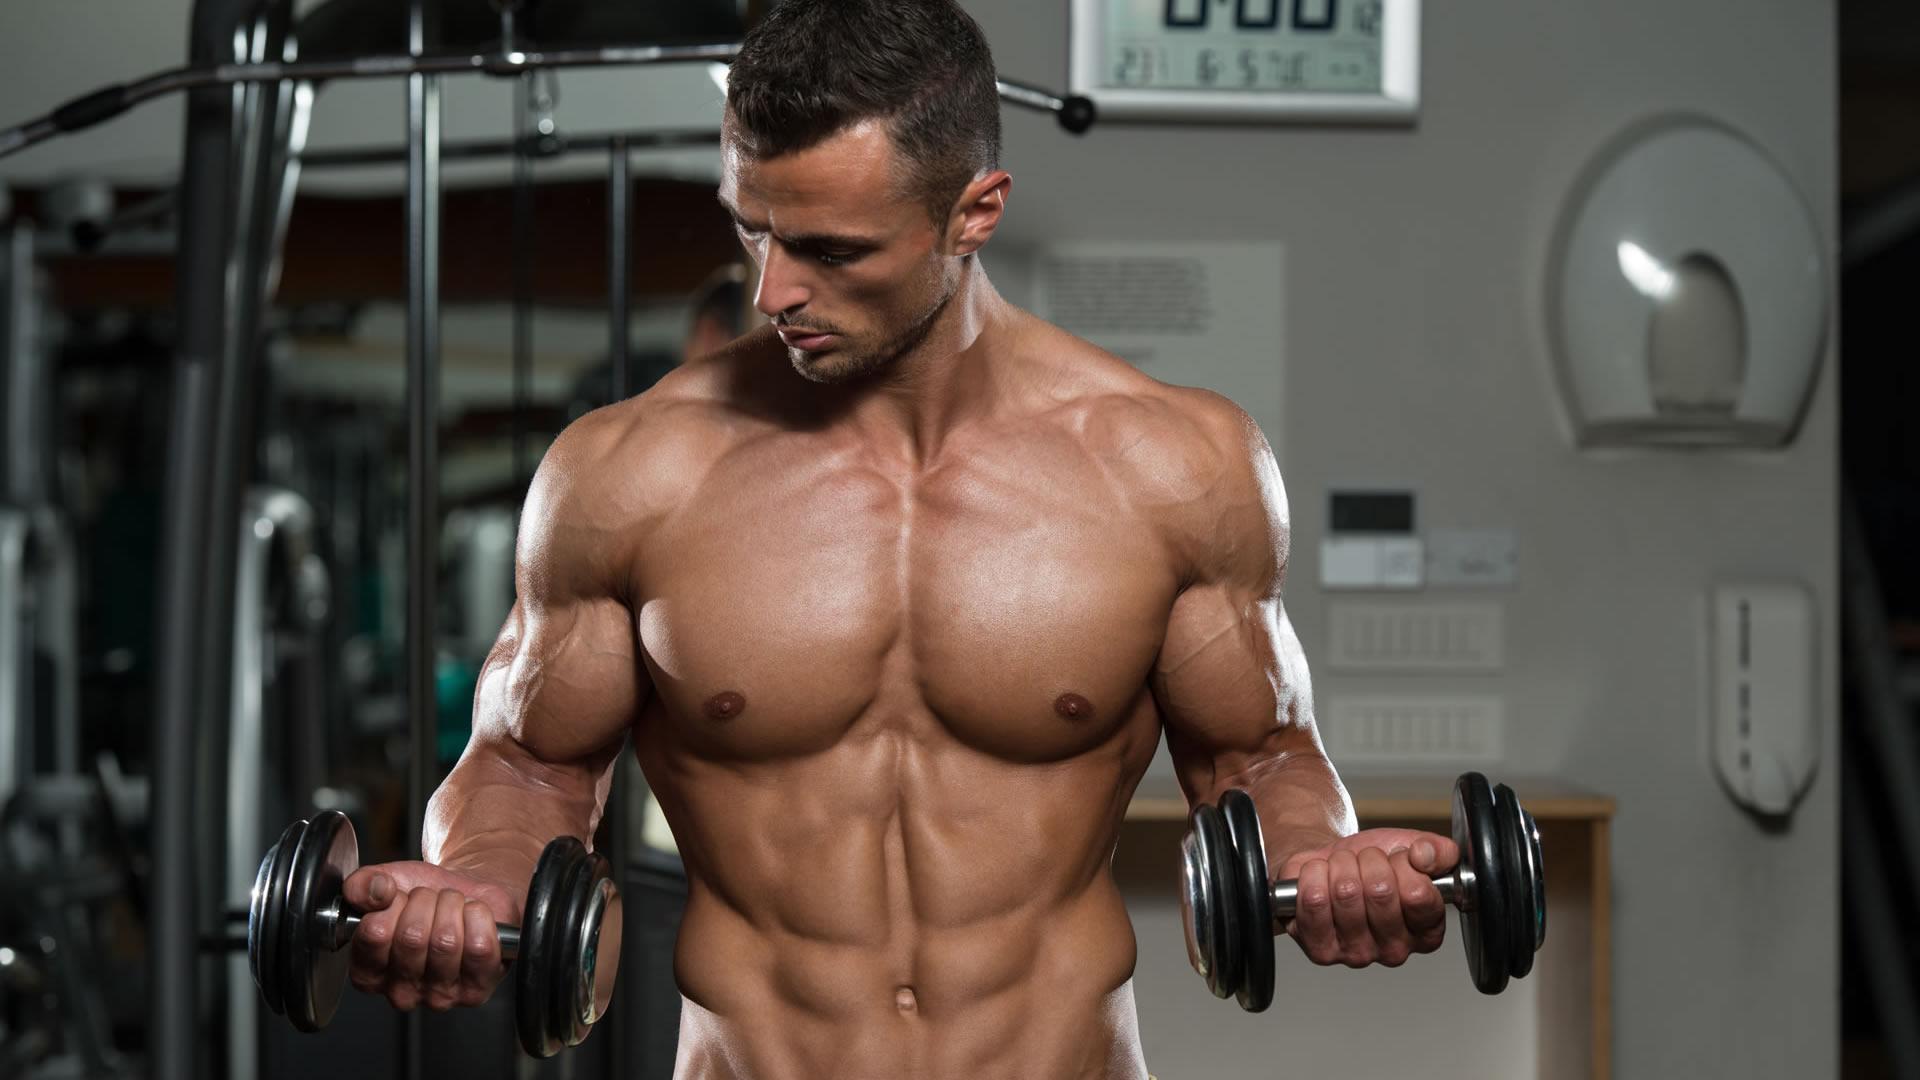 Ejercicio bíceps ¿Cómo se realizan?